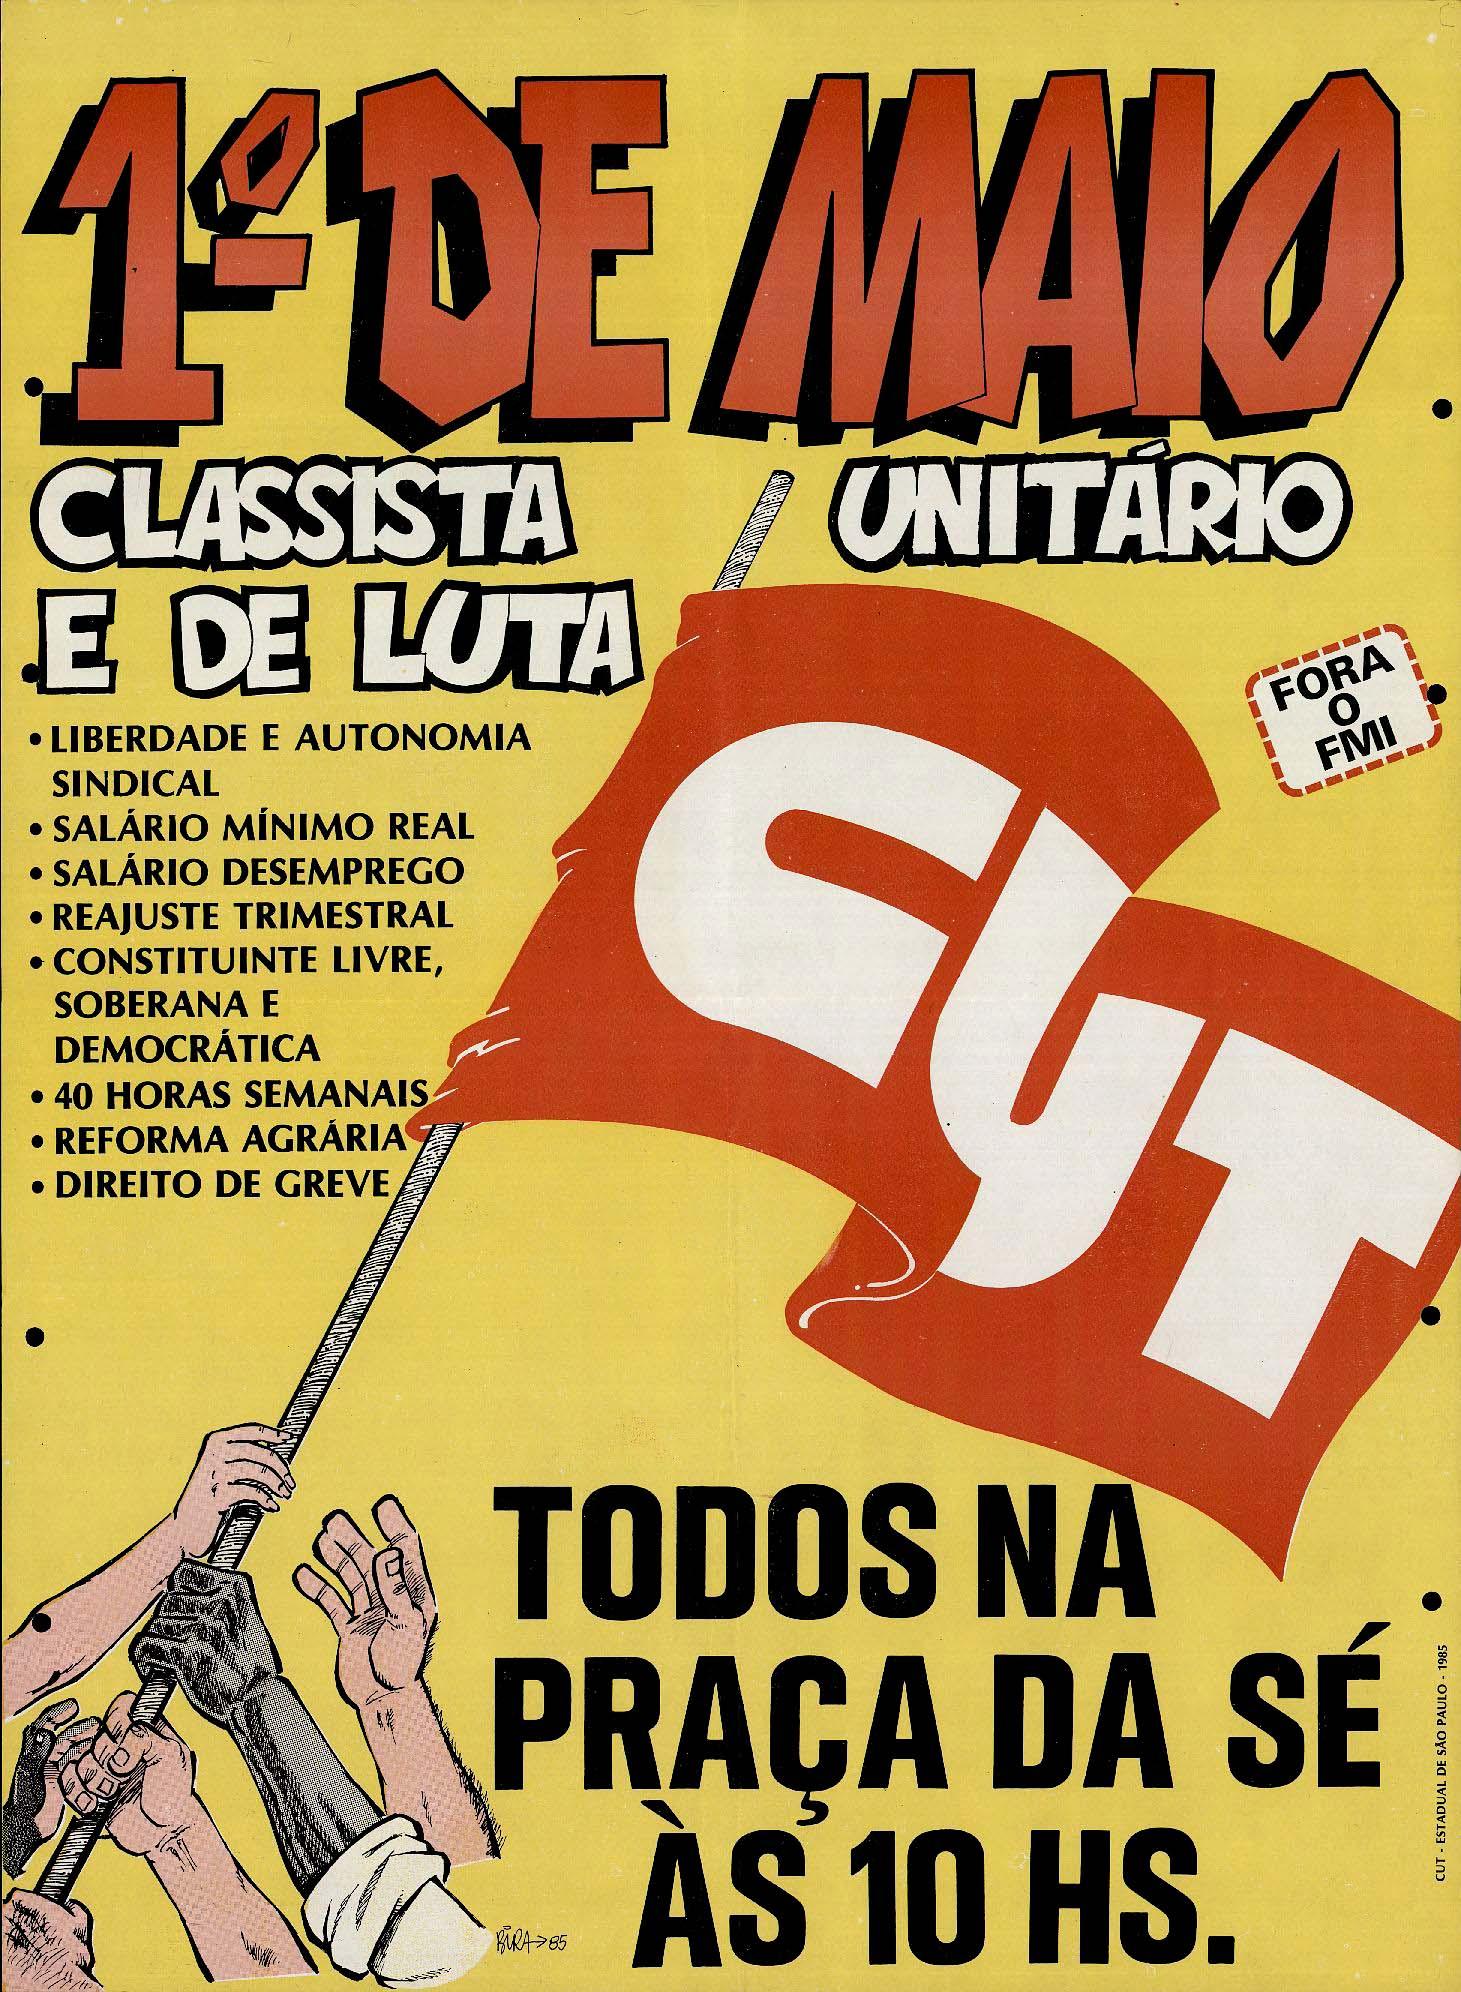 Cartaz de divulgação do ato de 1° de Maio com a pauta nacional de reivindicações